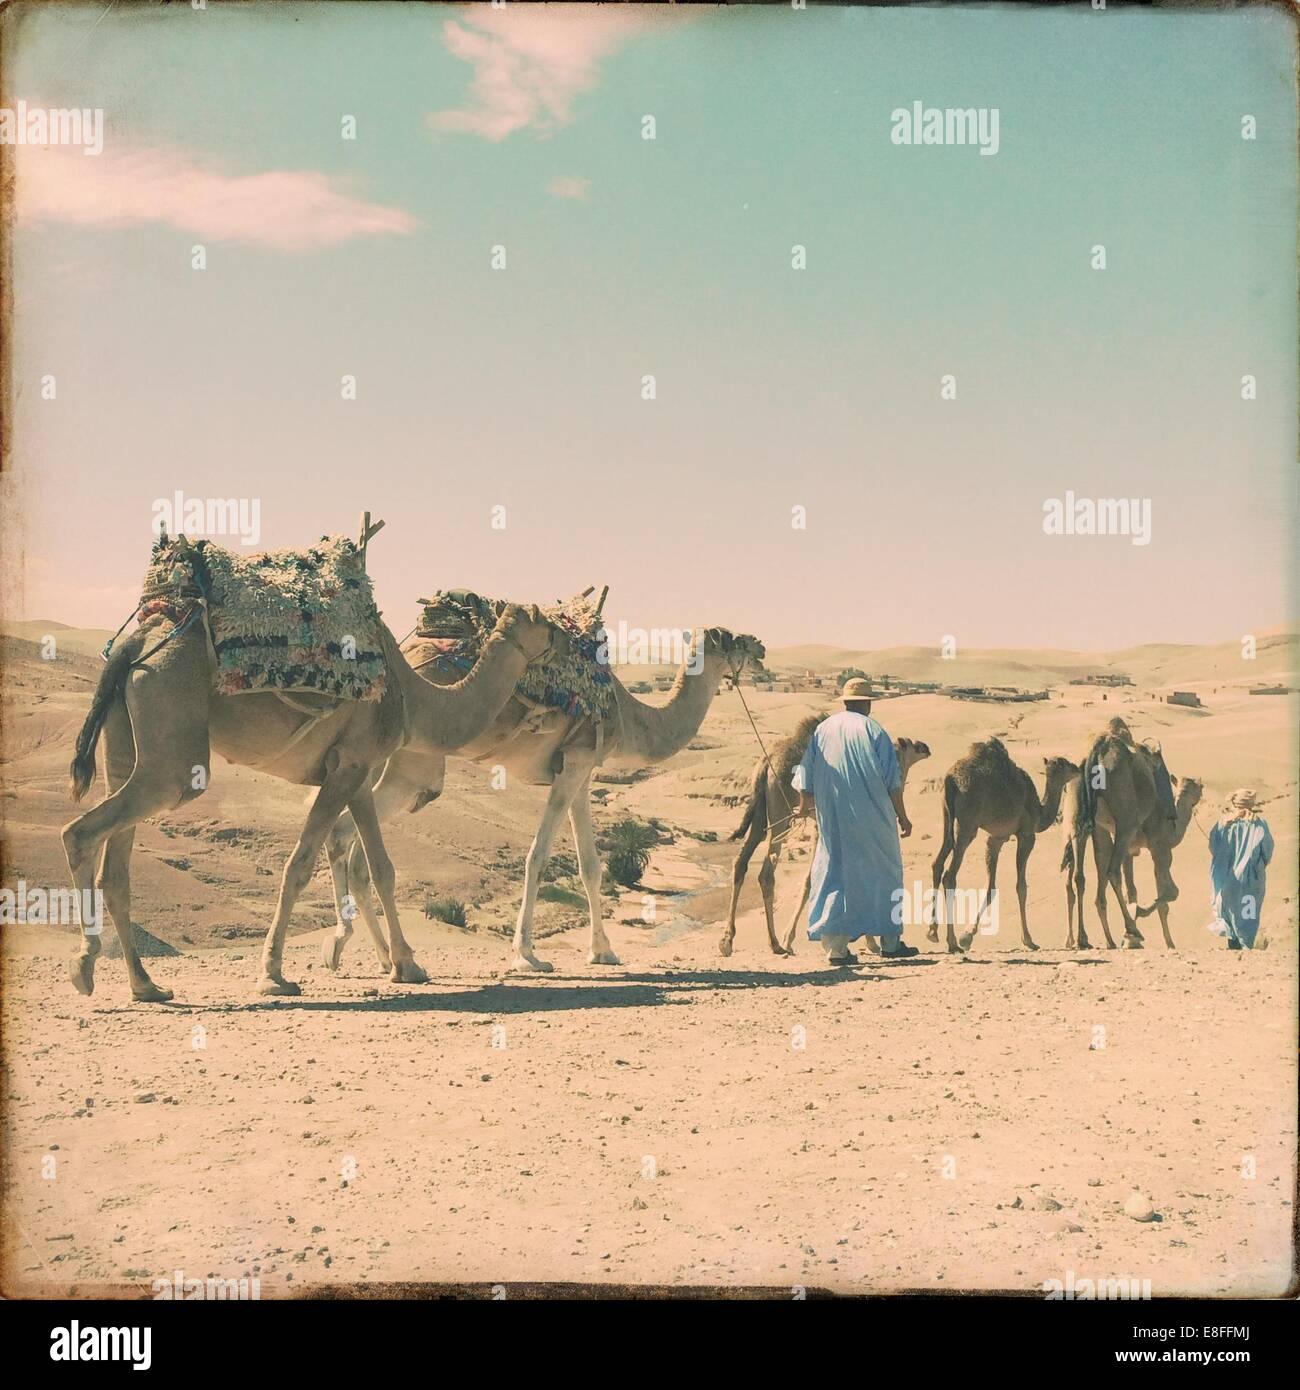 Gli uomini a piedi con una mandria di cammelli Immagini Stock